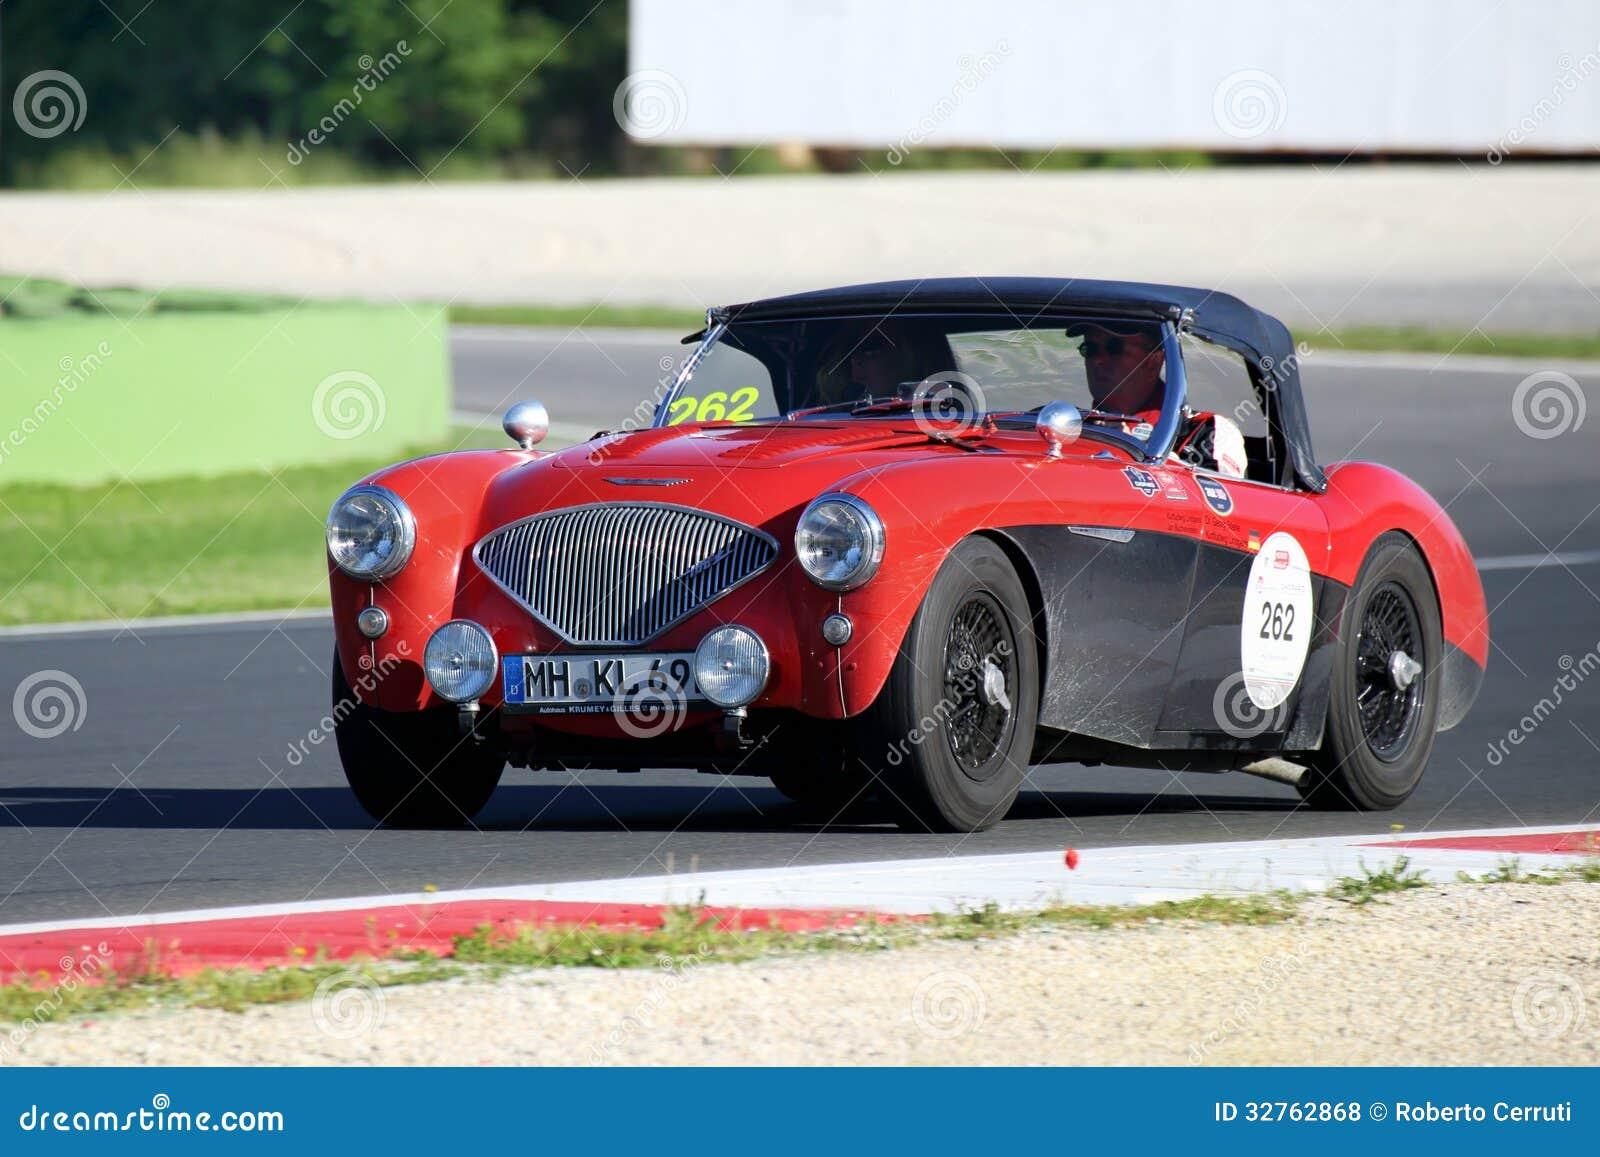 Rouge/noir Austin Healey 100/4 BN1, 1954, conduit dans Autodromo di Vallelunga pendant le Miglia 1000